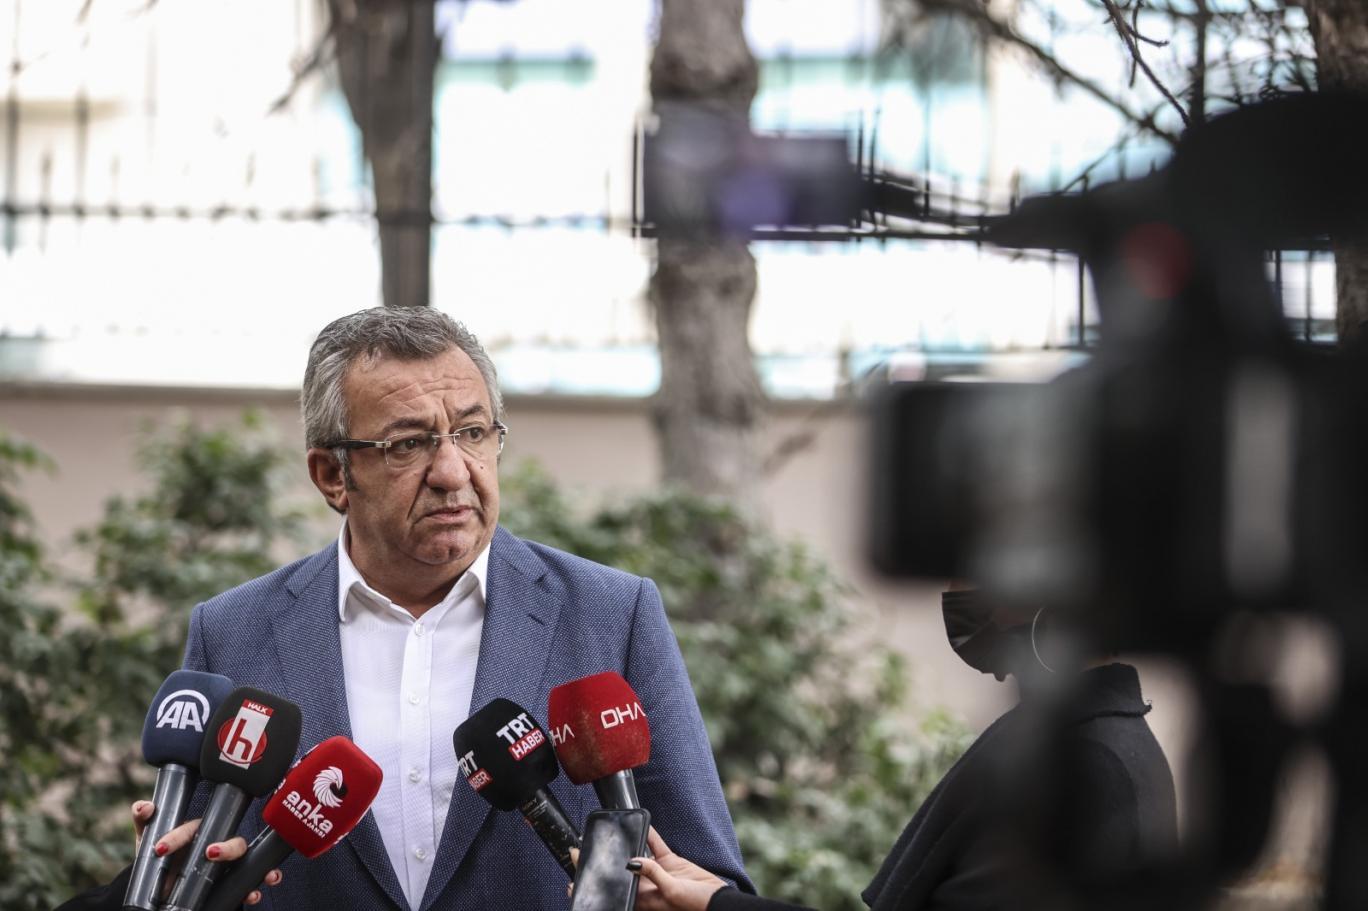 CHP, Turizmi Teşvik Kanunu'nun bazı maddelerinin iptali için AYM'ye  başvurdu: Yanan ormanlara bir kazma dahi vurursanız gök kubbeyi başınıza  yıkacağız | Independent Türkçe